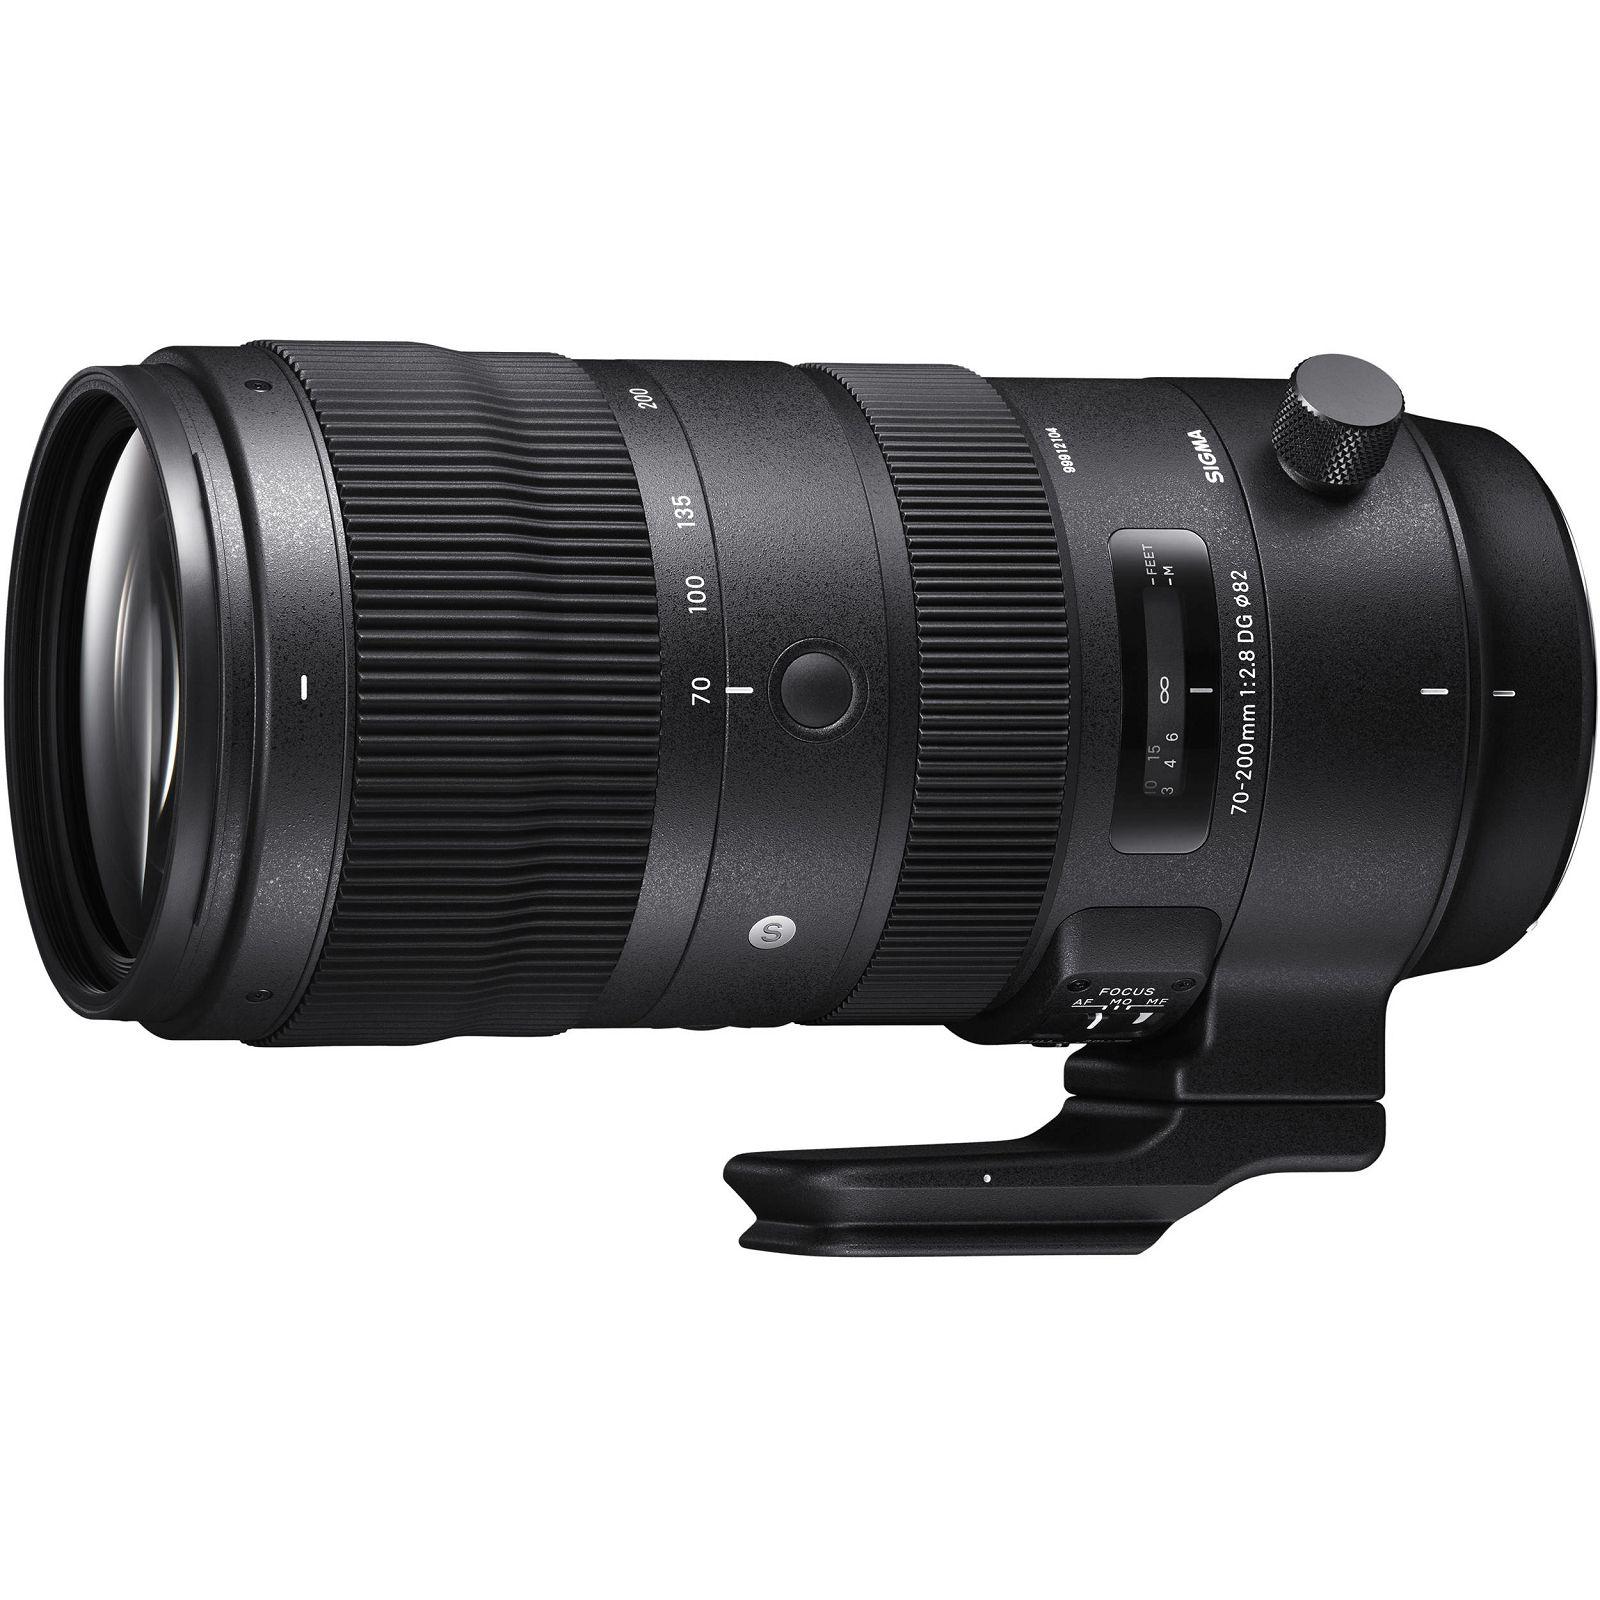 Sigma 70-200mm f/2.8 DG OS HSM Sport telefoto objektiv za Sigma SA (590956)